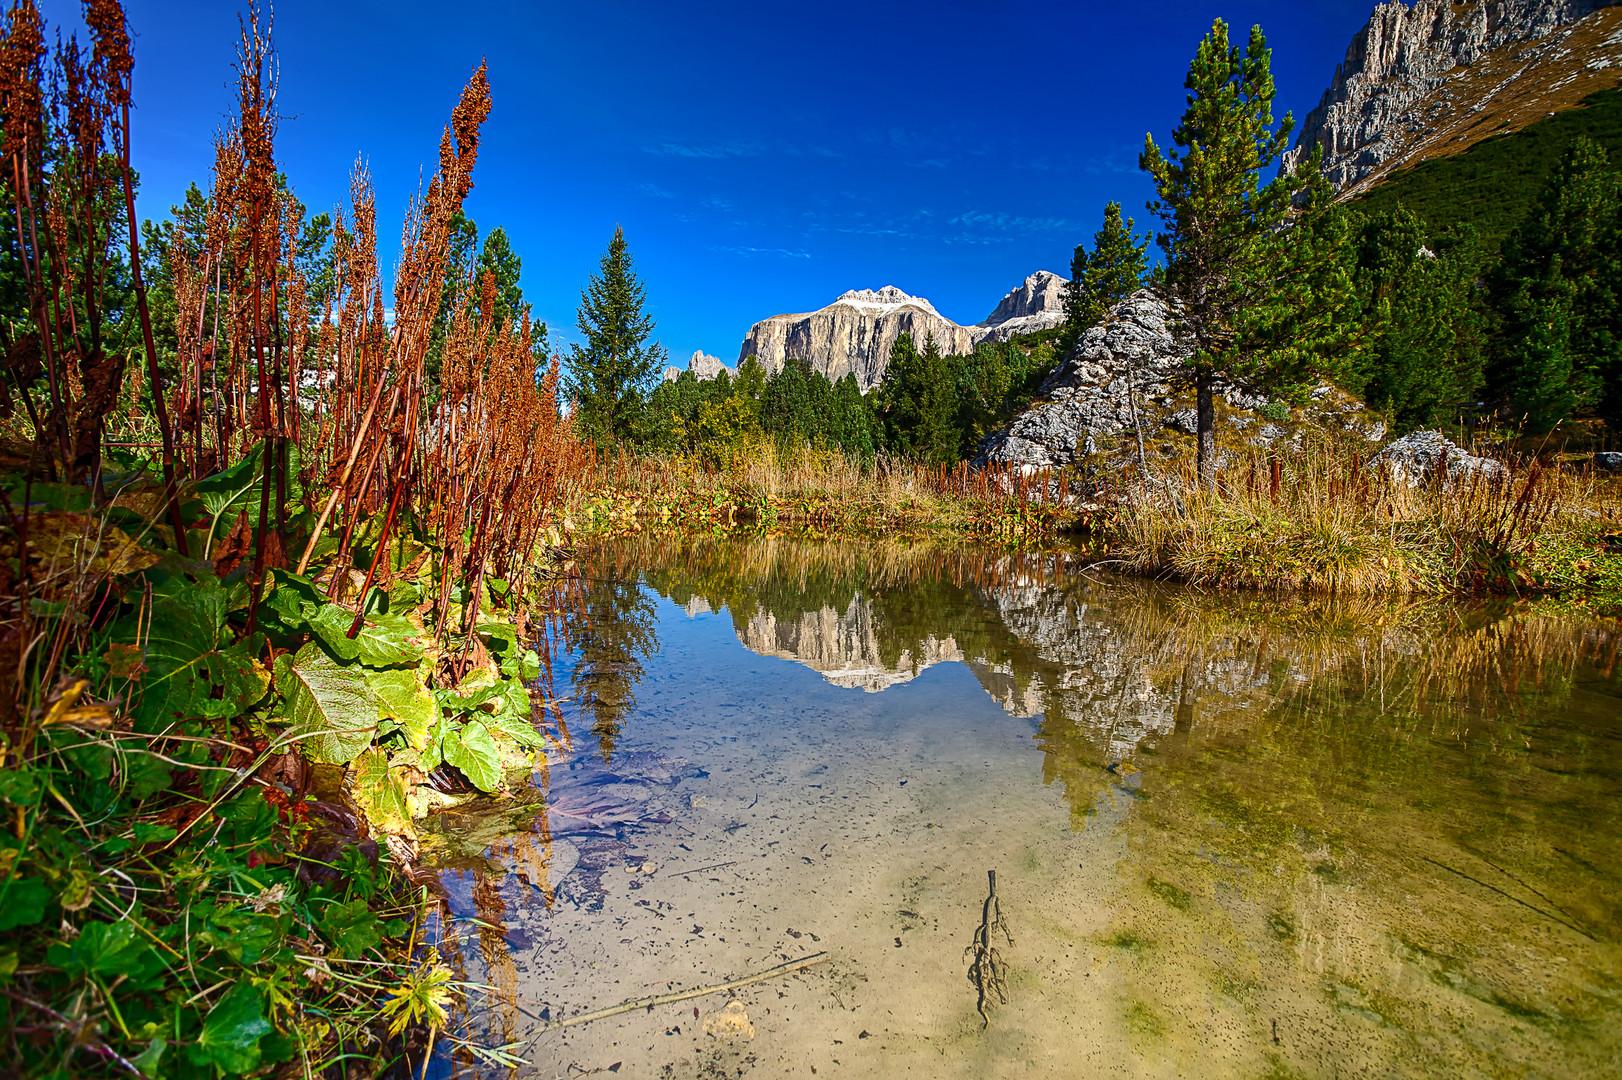 Alpen Teich